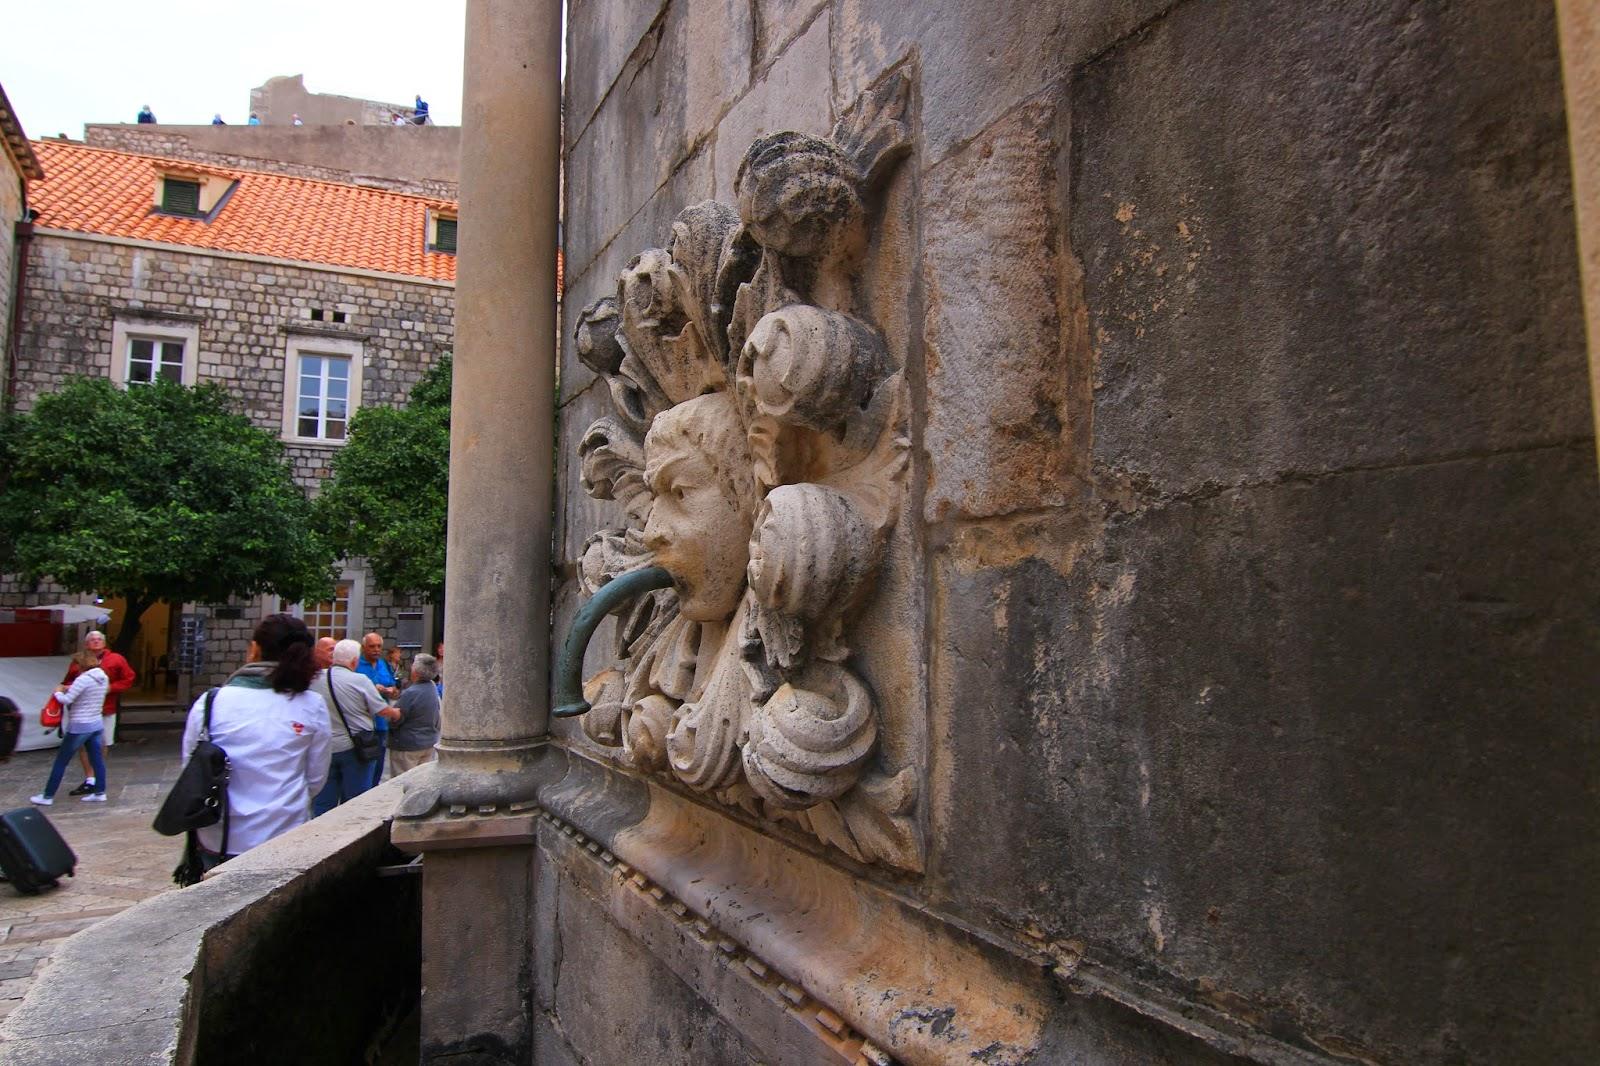 Onofrio's Fountain